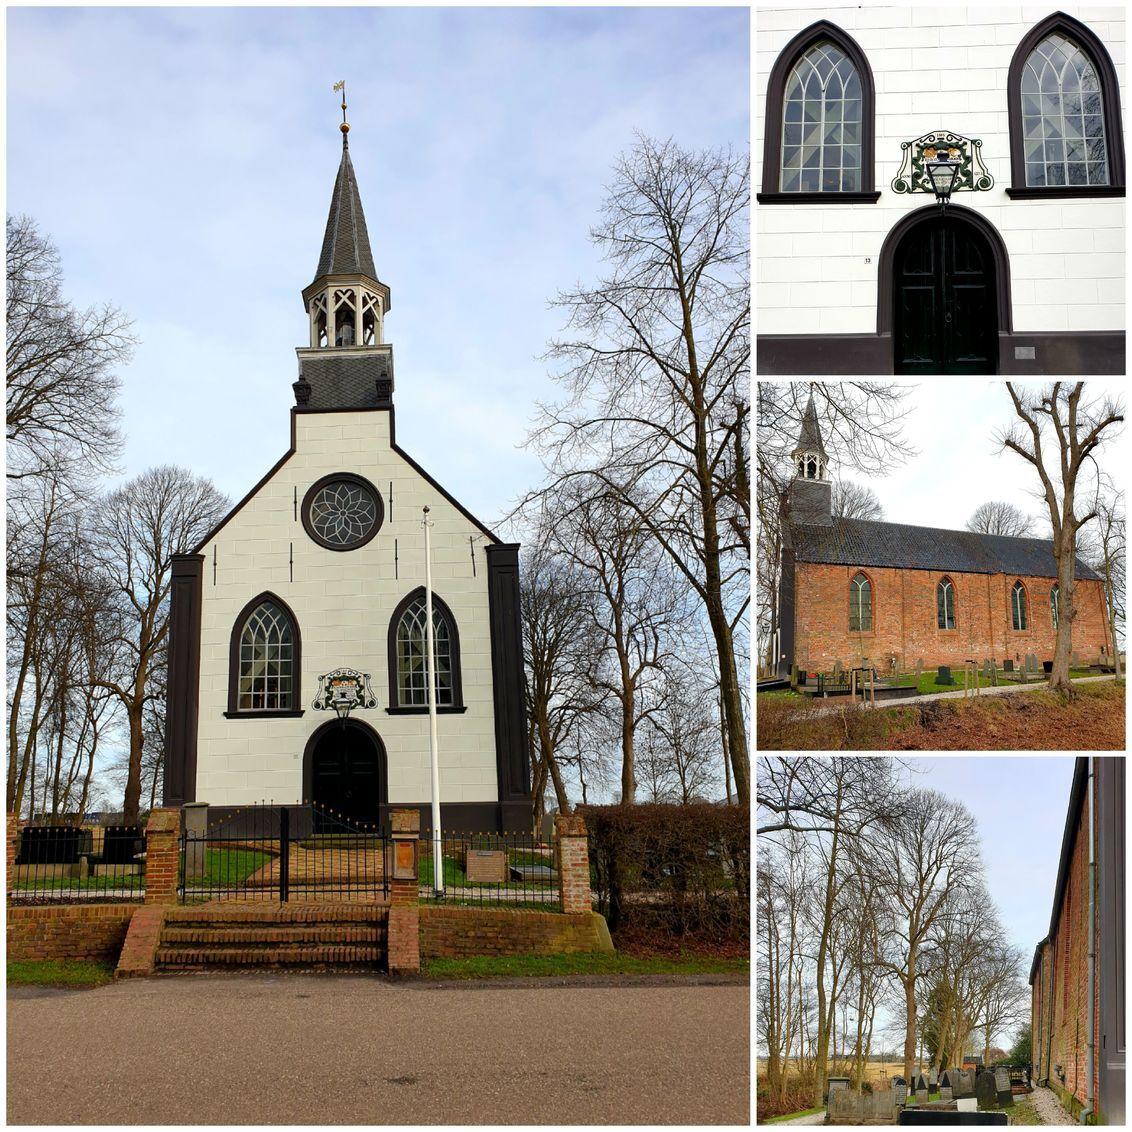 P.k.n Middelbert - Dit kerkje in Middelbert behoort tot de st Groninger kerken. Gr Bets - foto door cgfwg op 19-02-2021 - deze foto bevat: oud, architectuur, kerk